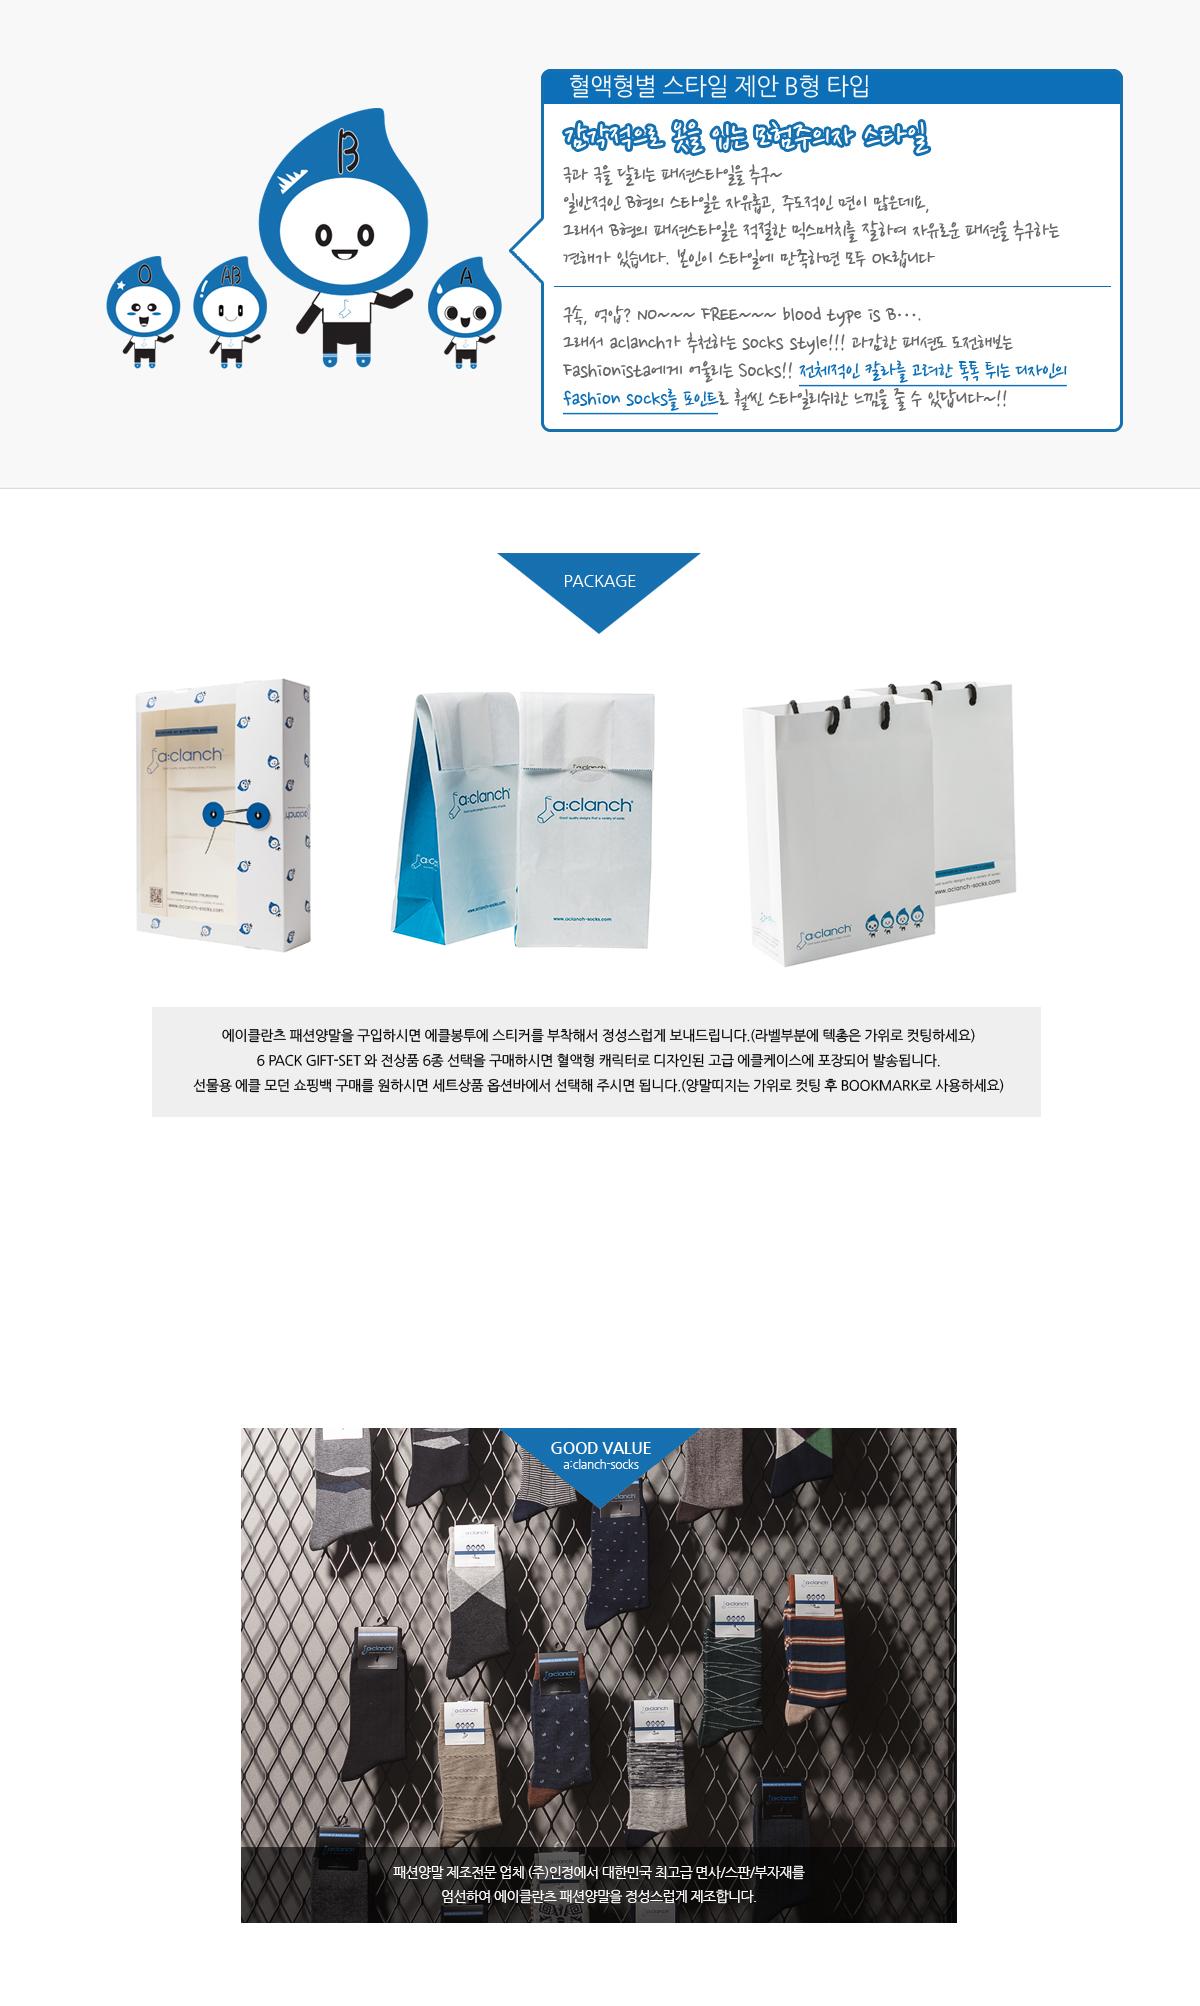 패션양말 빅블럭 캐주얼 삭스 - 에이클란츠, 1,500원, 남성양말, 패션양말